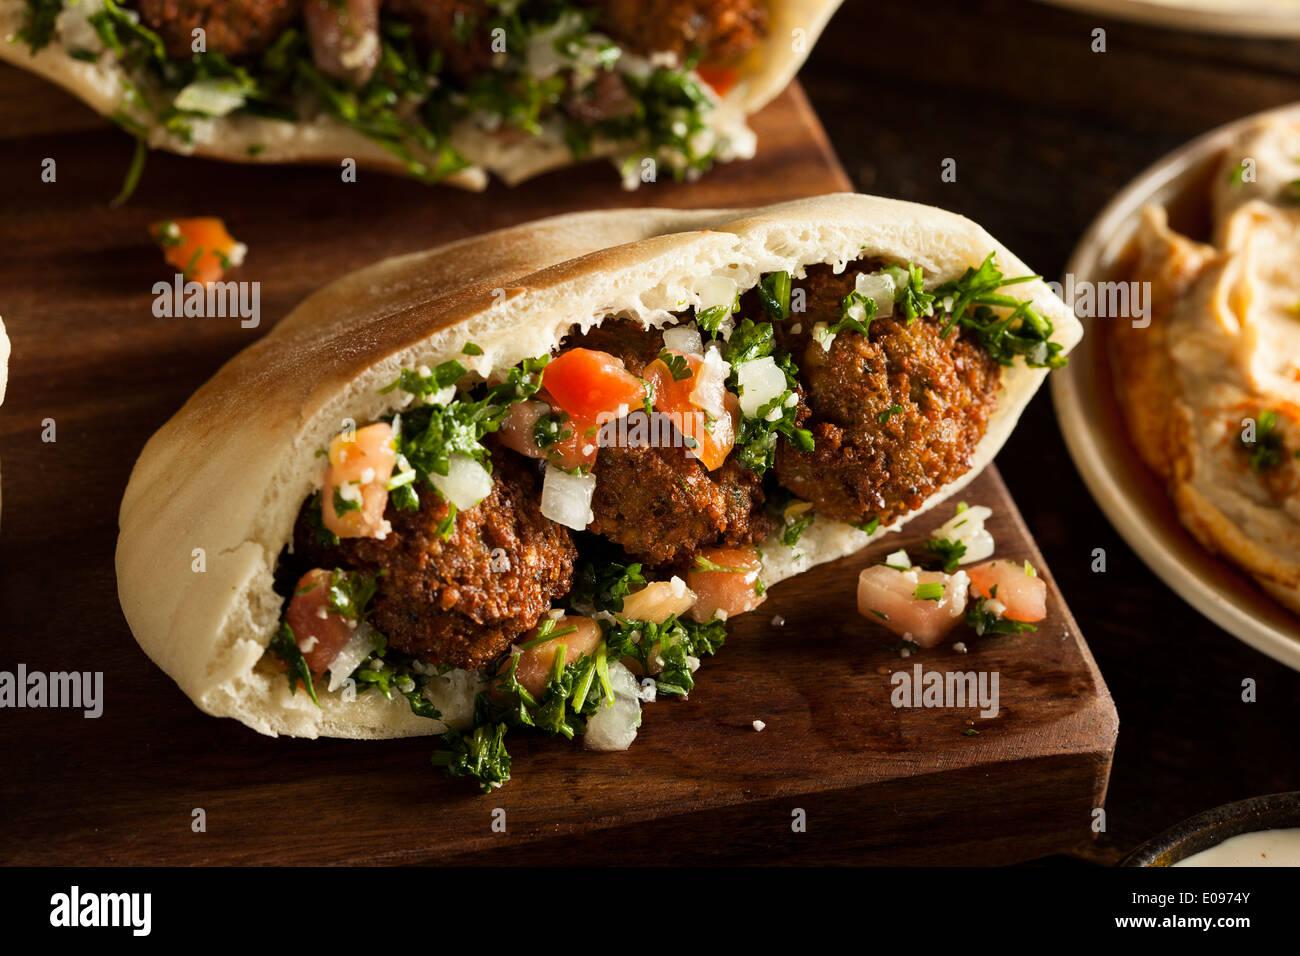 Gesunde vegetarische Falafel Pita mit Reis und Salat Stockbild